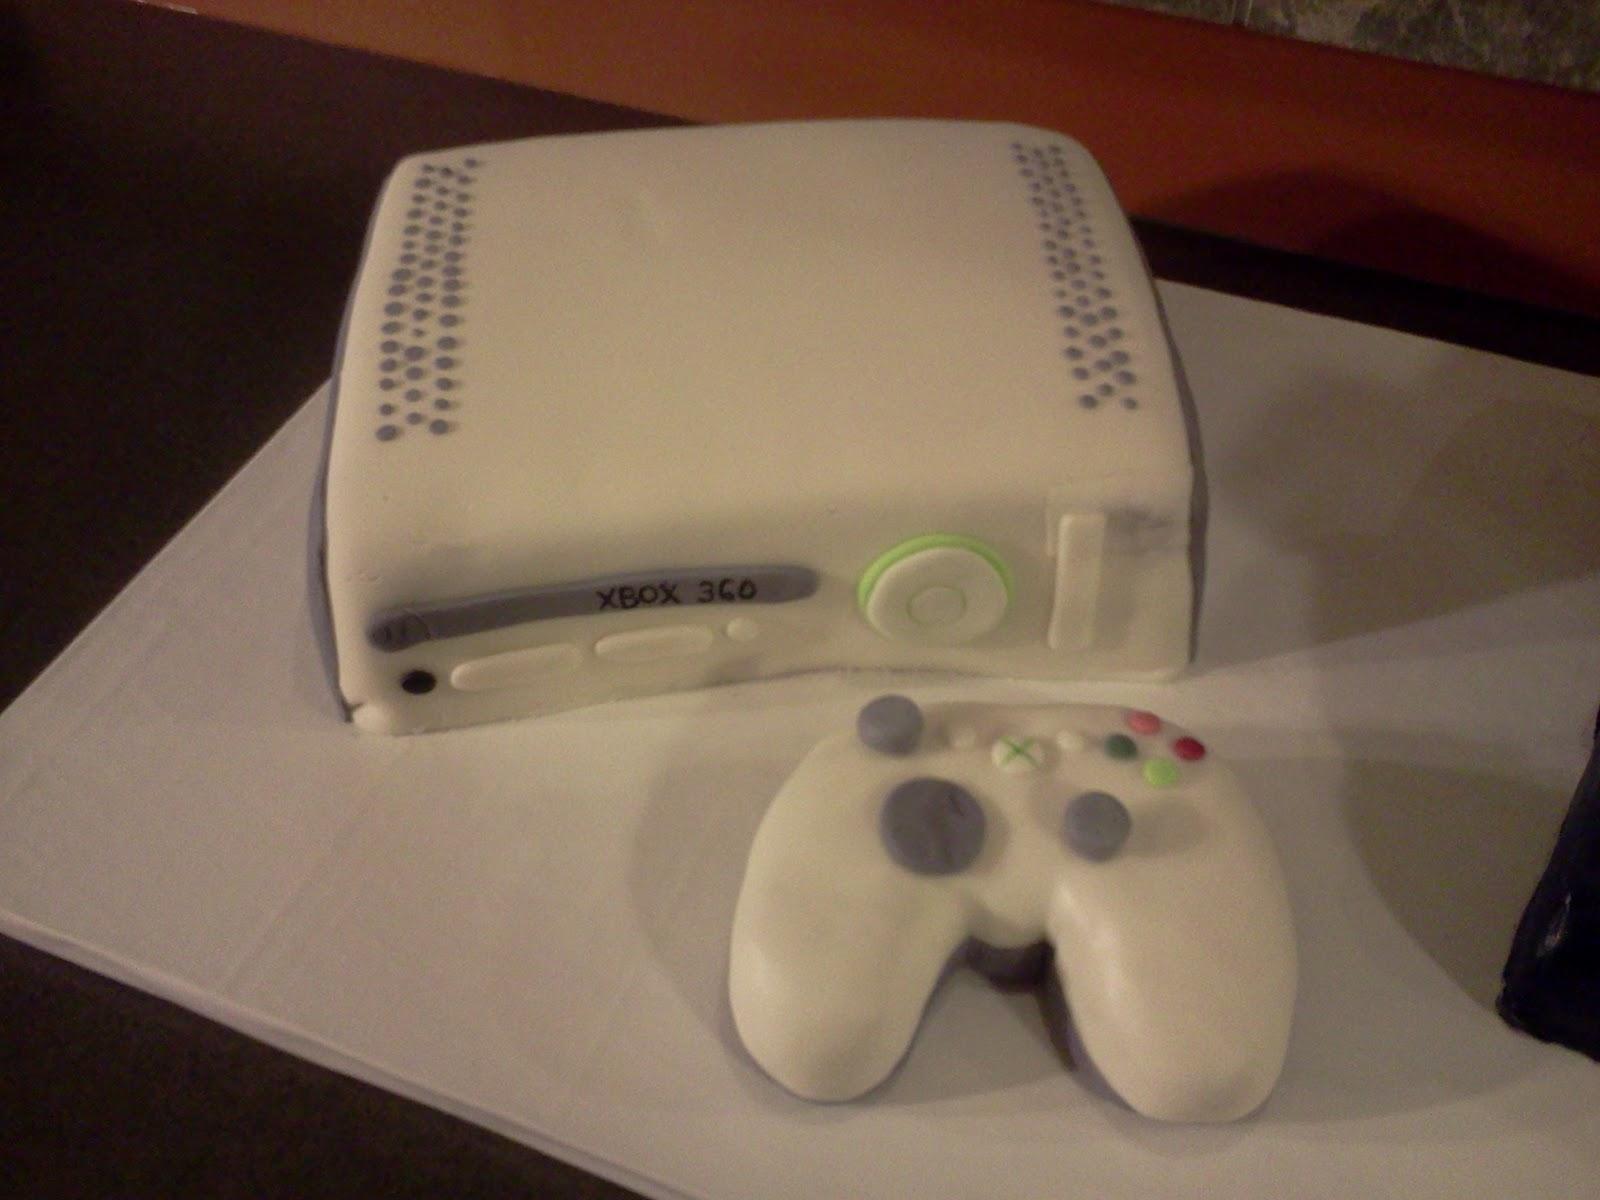 Edee's Custom Cakes: PS3 vs XBox 360